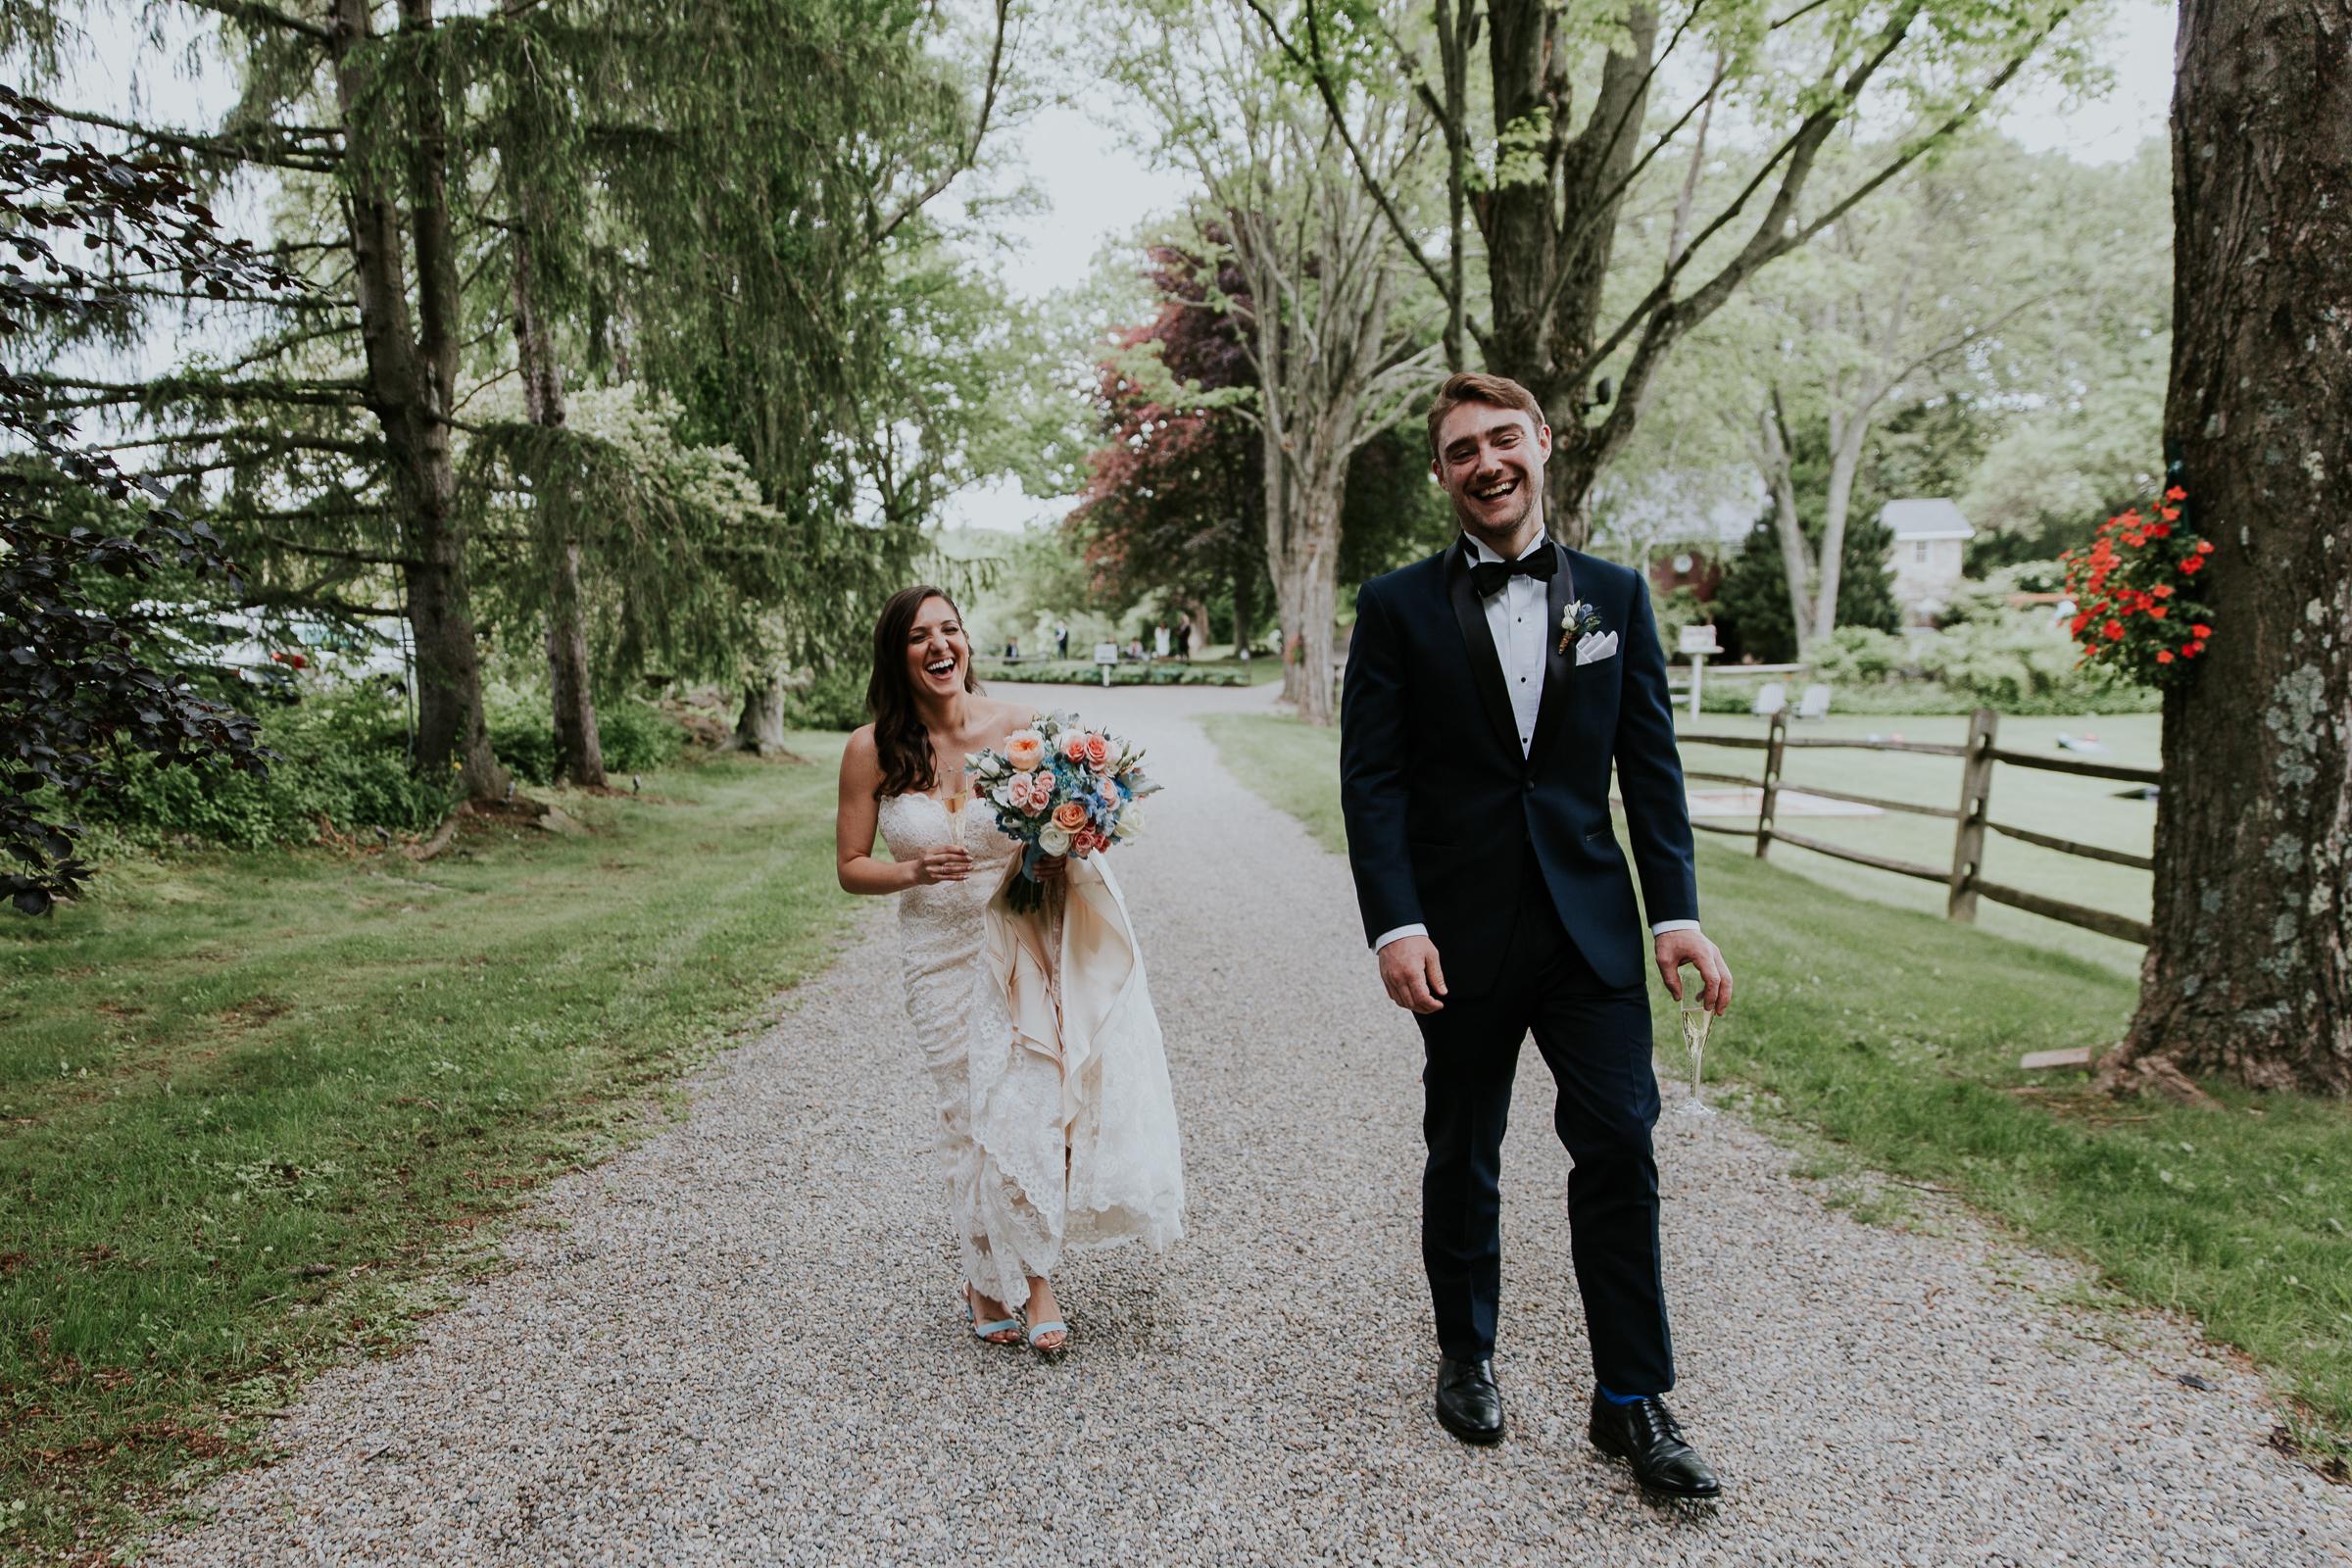 Crossed-Keys-Estate-Andover-NJ-Fine-Art-Documentary-Wedding-Photographer-61.jpg